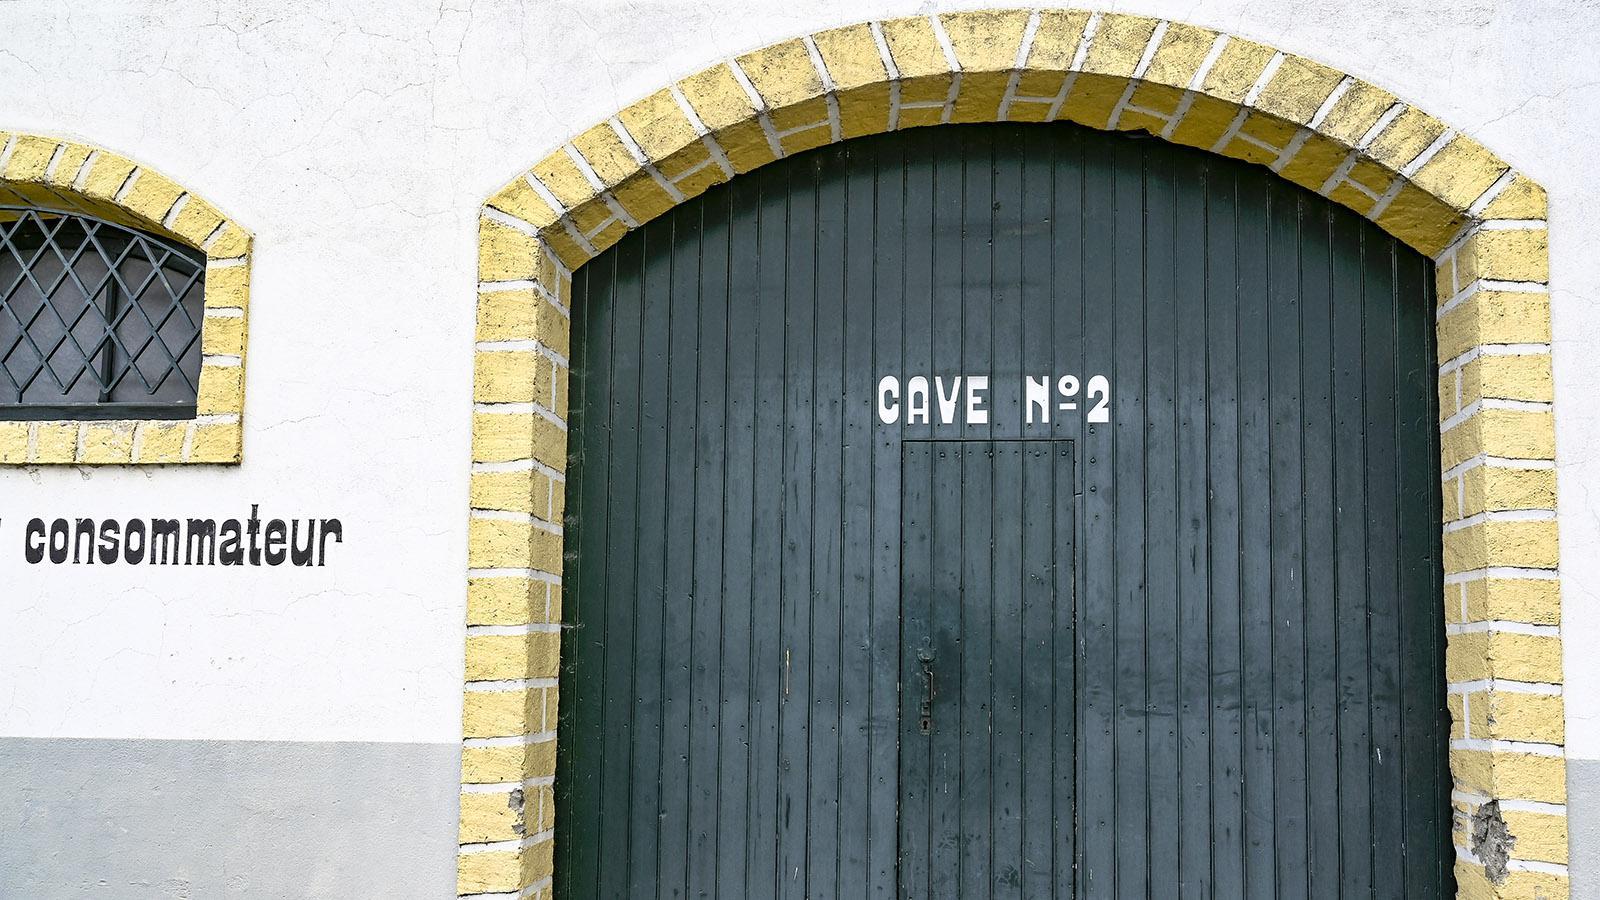 Campagne-sur-Aude: Tor der Weinkellerei Salasar. Foto: Hilke Maunder